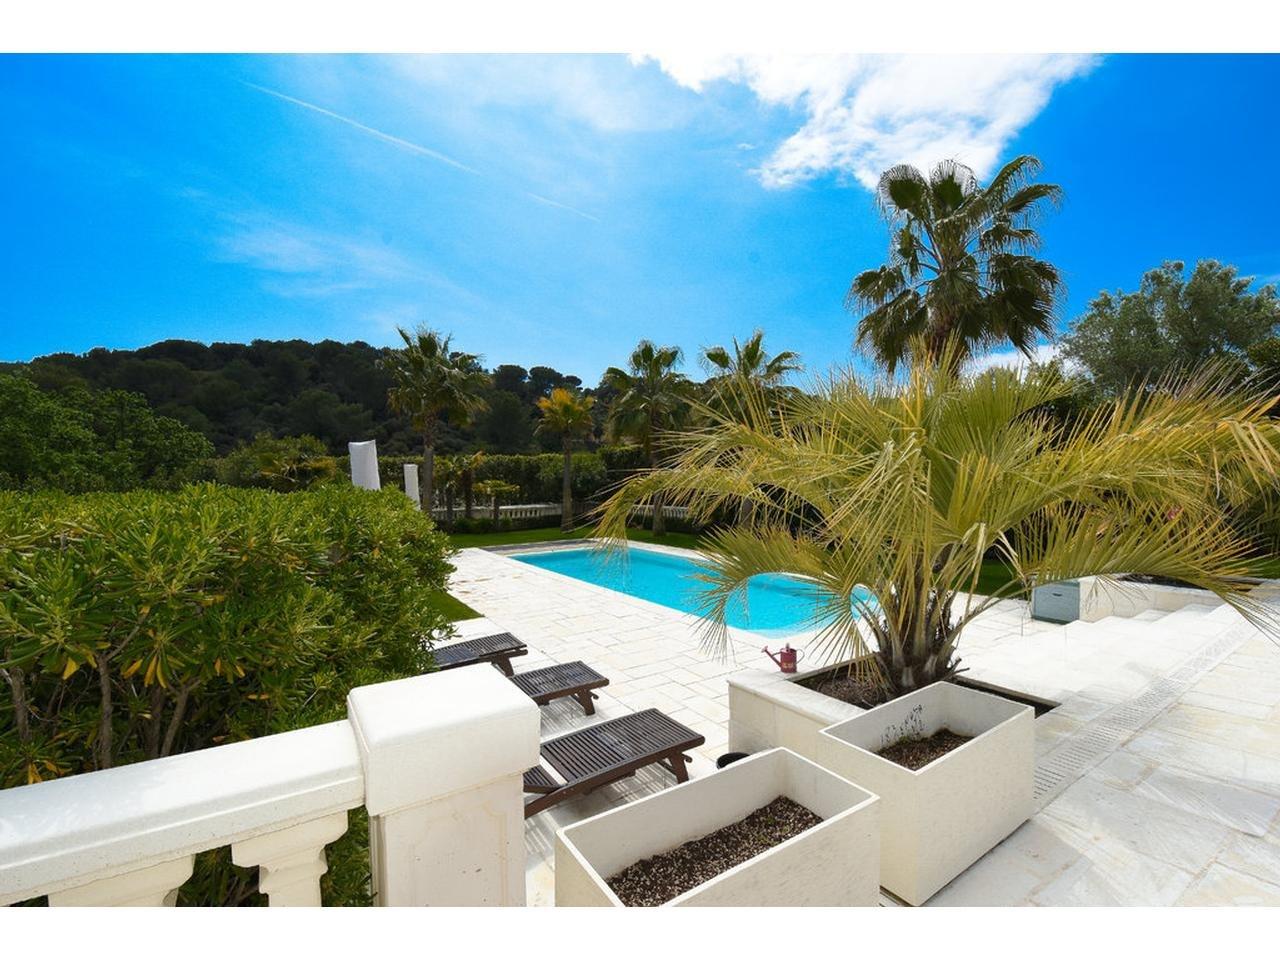 Maison  9 Rooms 350m2  for sale  2700000 €